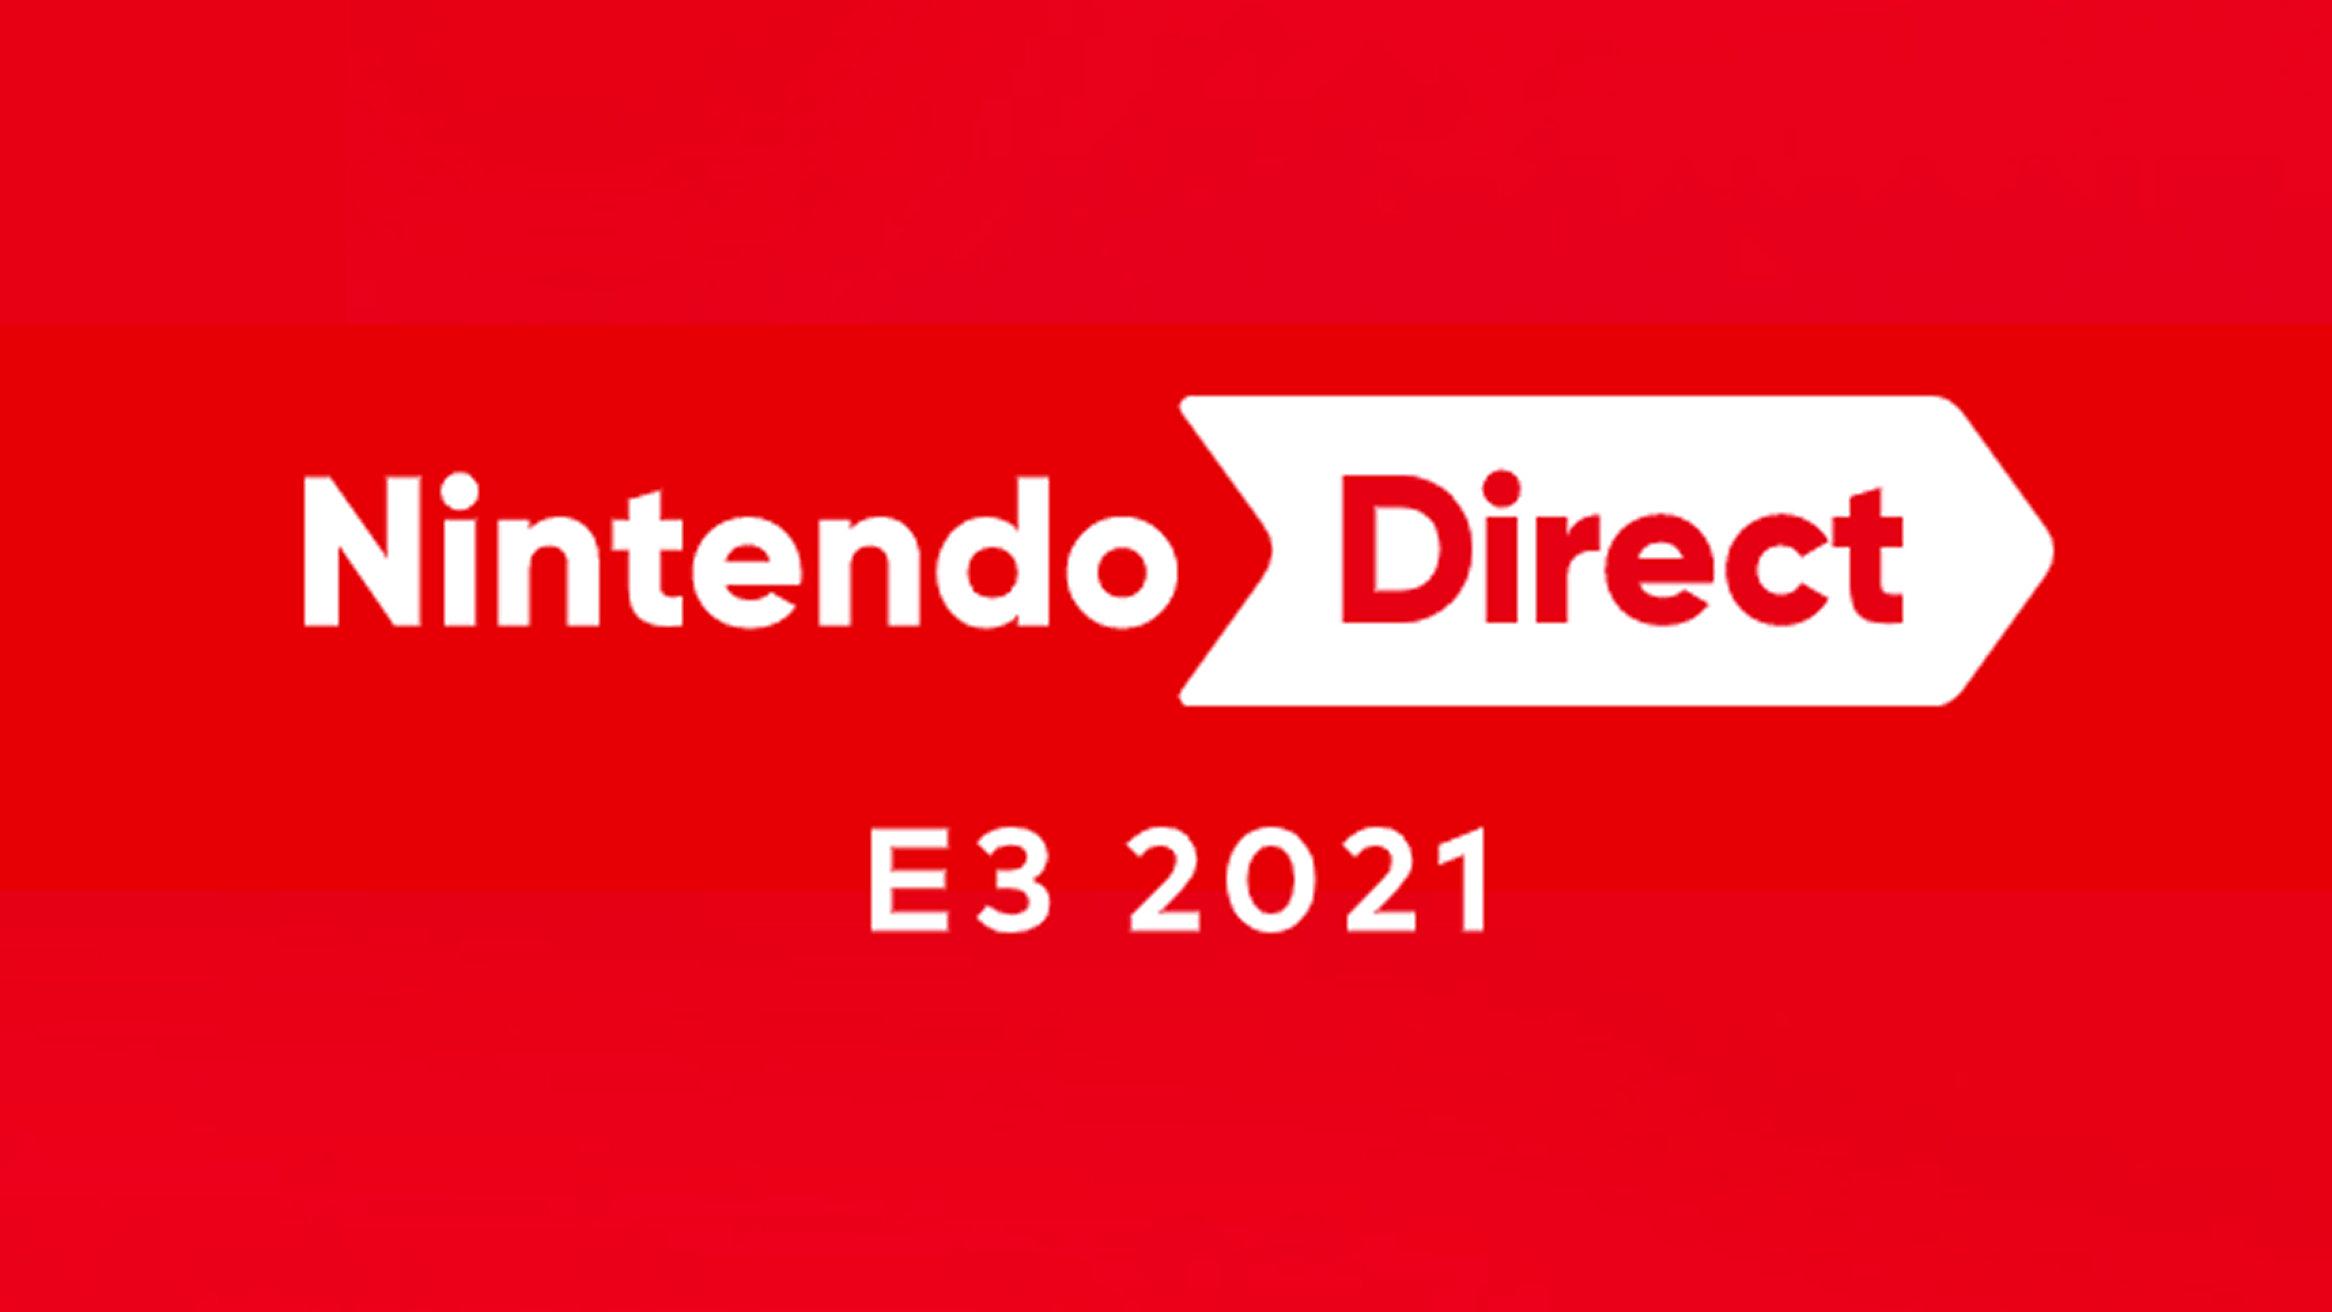 ニンテンドーダイレクト、E3 2021版の放送。年内のスイッチソフト